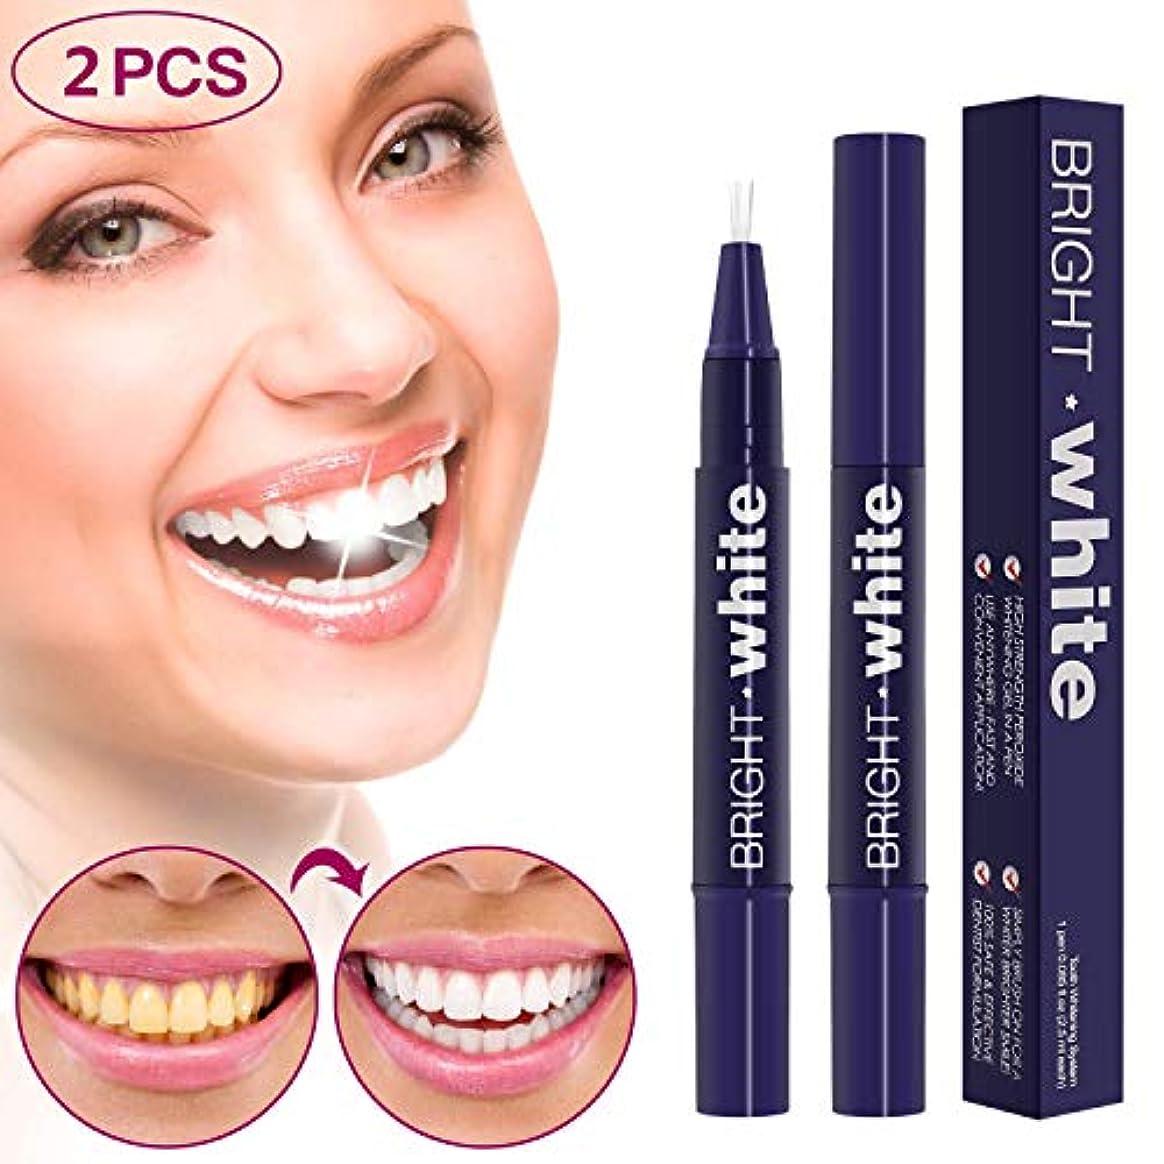 気付く静脈二十Odette 2019 歯のホワイトニング 美白歯ゲル 歯 ホワイトニングペン ホワイトニングペン 歯ブラシ 輝く笑顔 口臭防止 歯周病防止 2本 (2pcs)